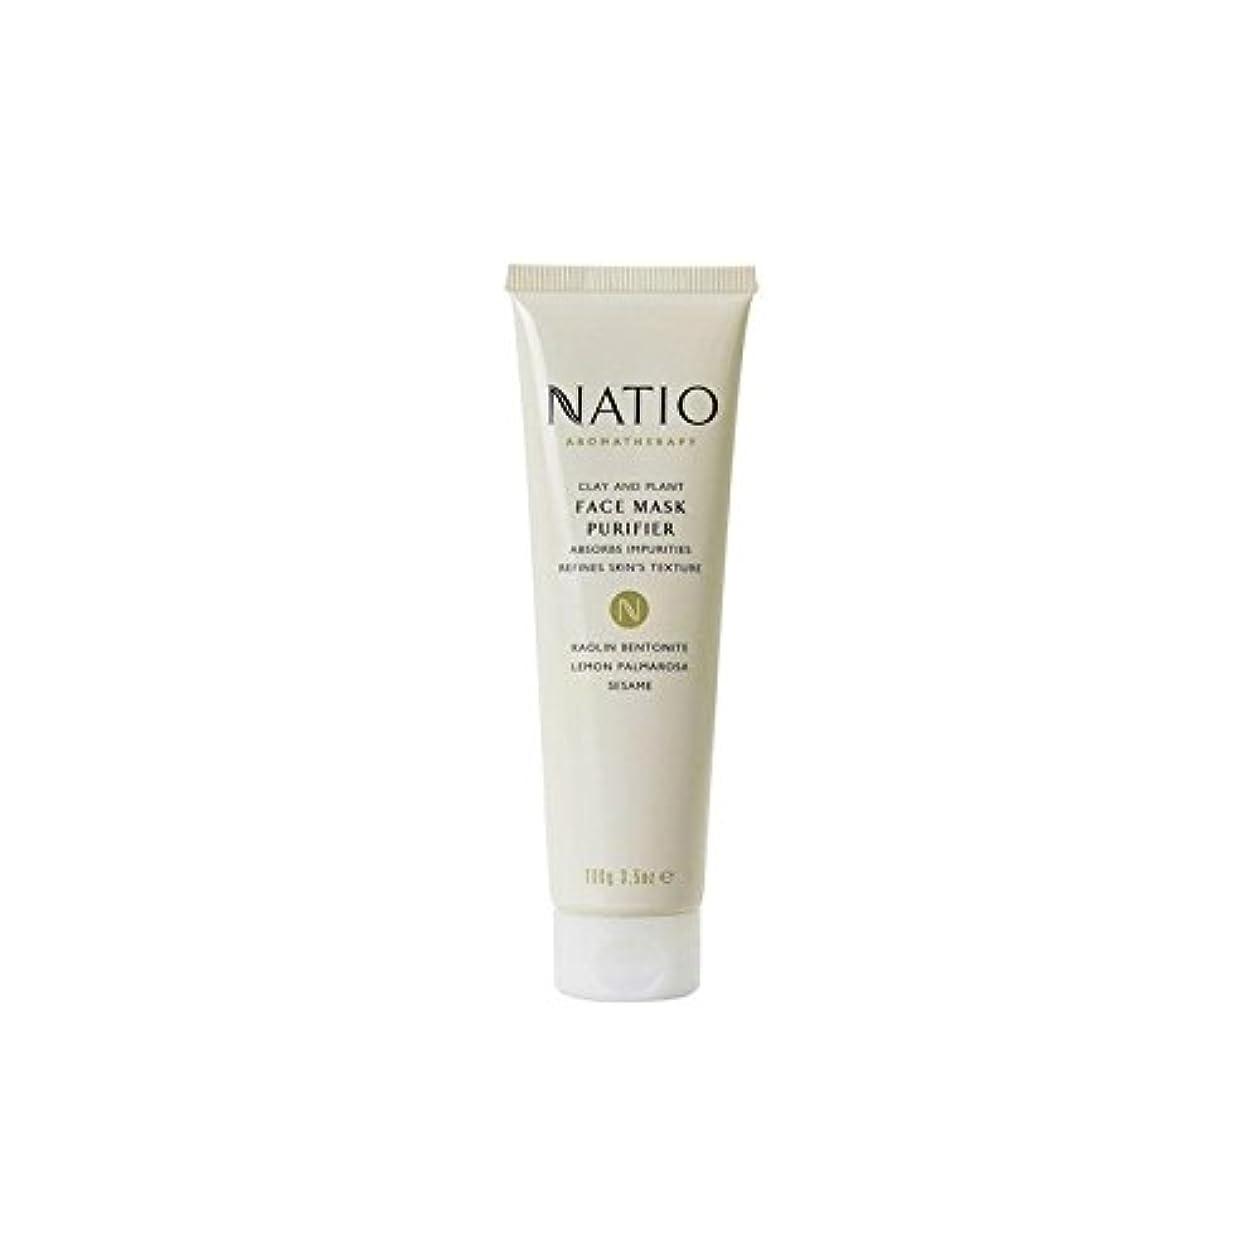 統合するレキシコン直径Natio Clay & Plant Face Mask Purifier (100G) (Pack of 6) - 粘土&植物フェイスマスクの浄化(100グラム) x6 [並行輸入品]